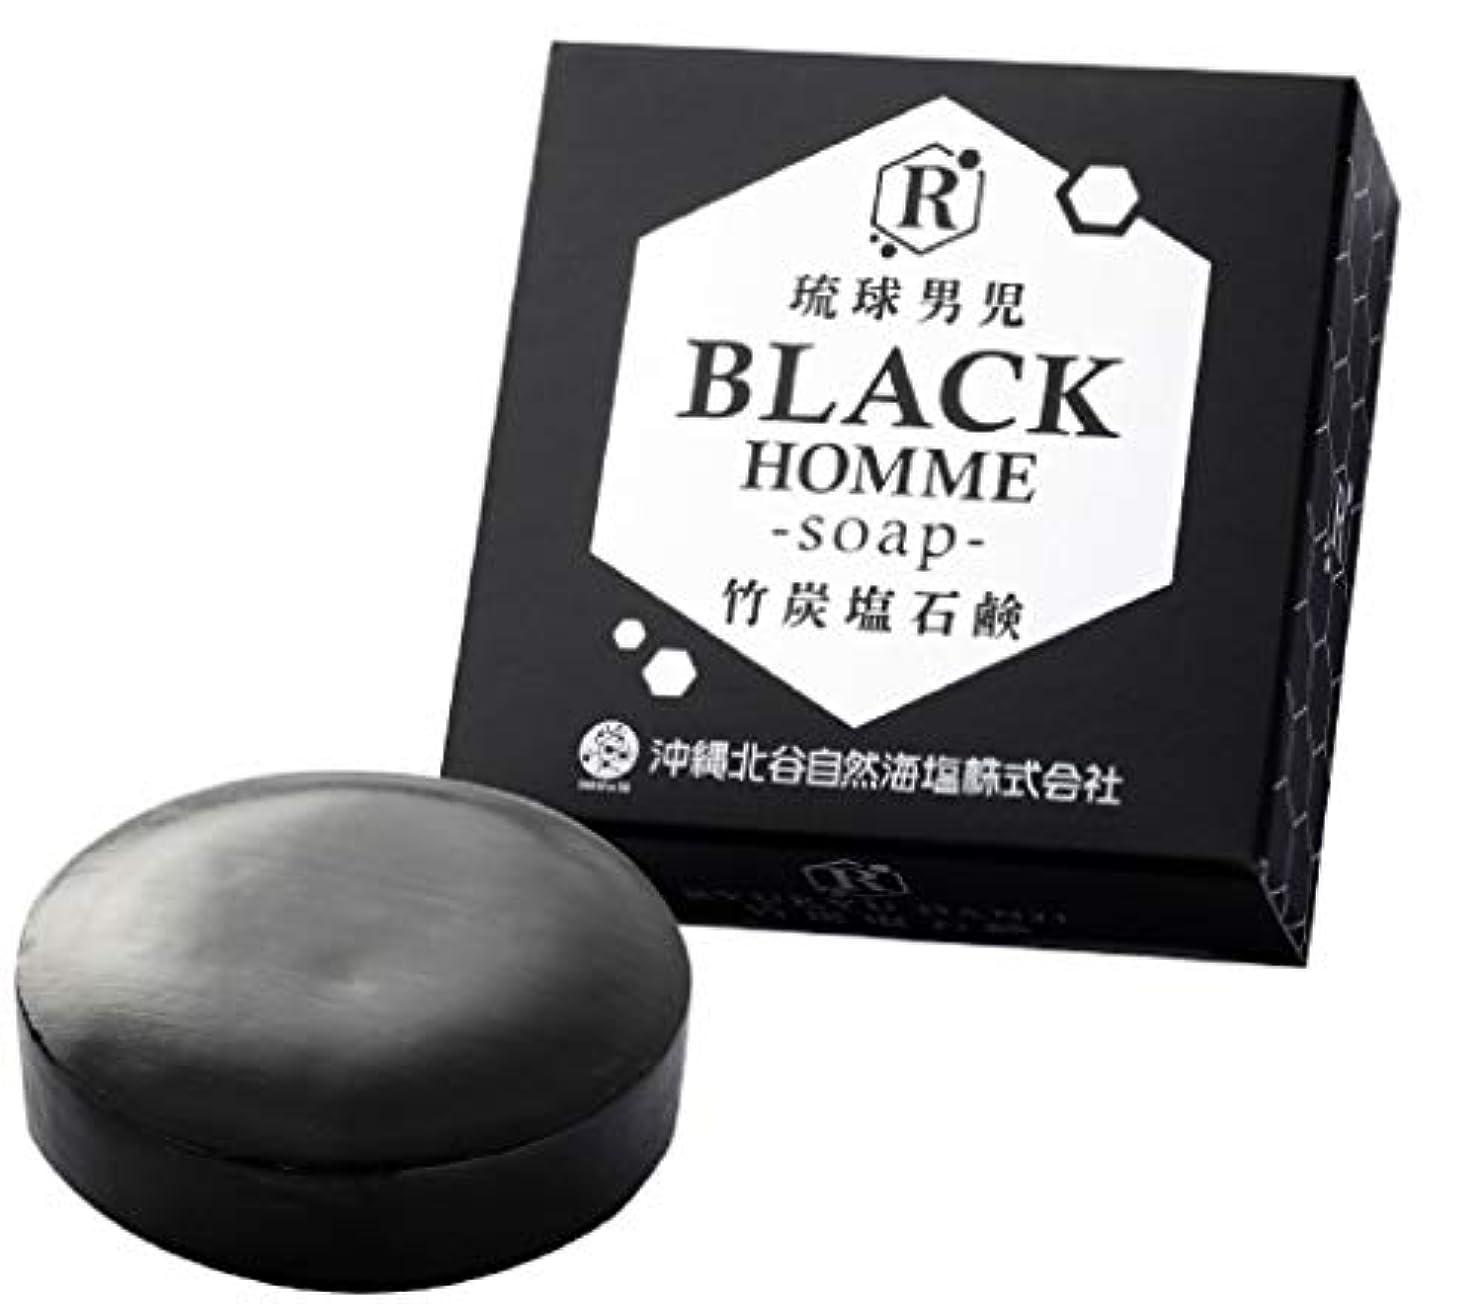 契約した突進ぶどう【2個セット】琉球男児 竹炭塩石鹸 BLACK HOMME-soap- 60g 泡立てネット付き